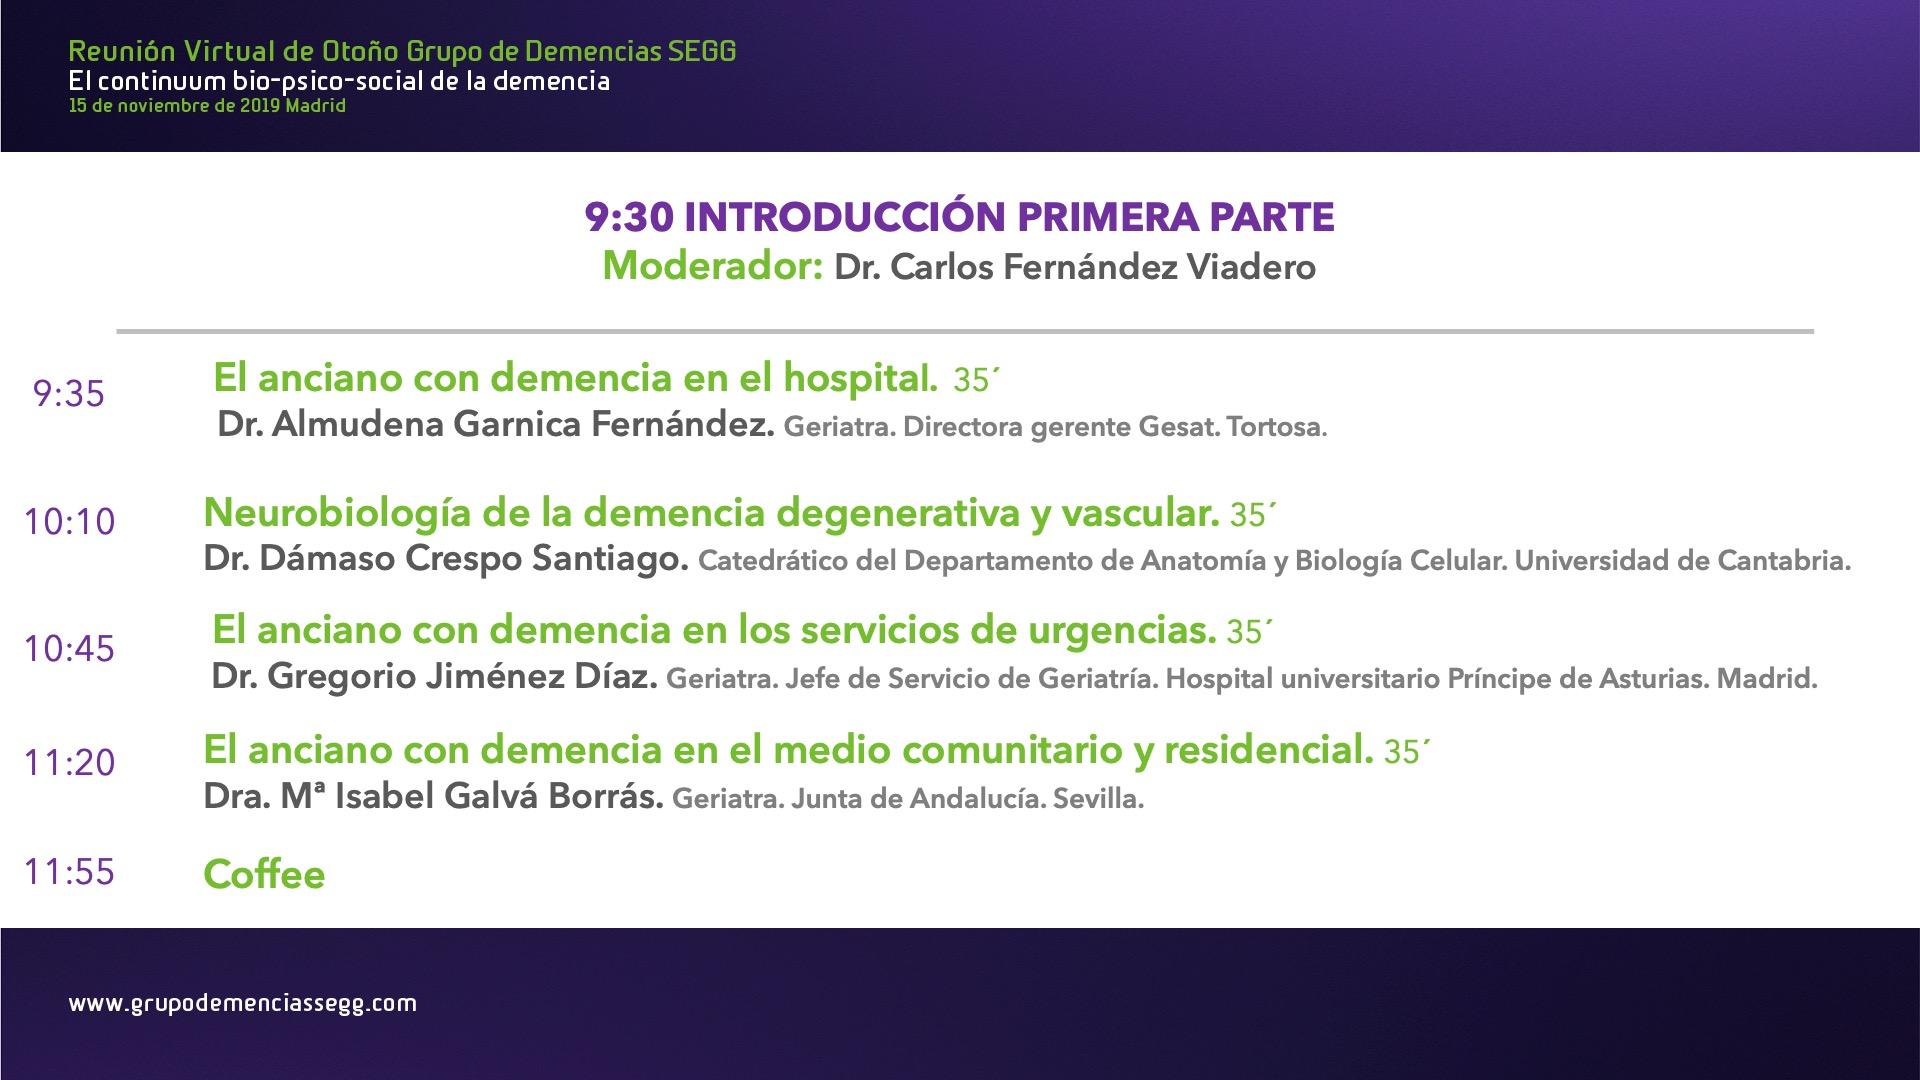 Reunión Presencial Grupo Demencias SEGG (5 años consecutivos)